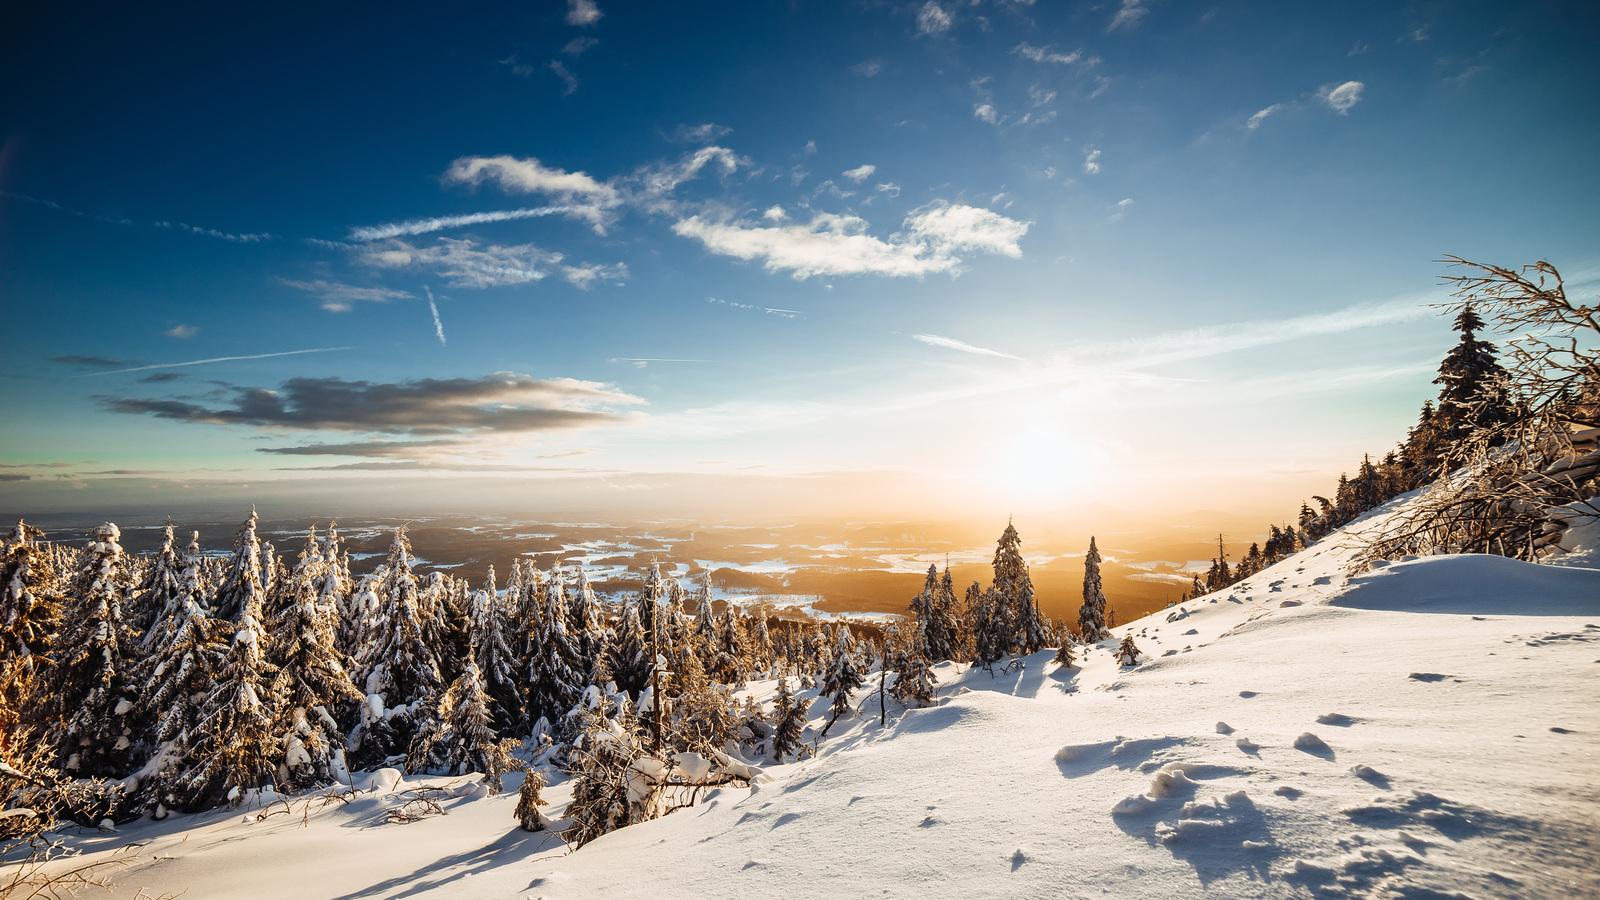 sky-snow-spruces-trees-5k-66.jpg